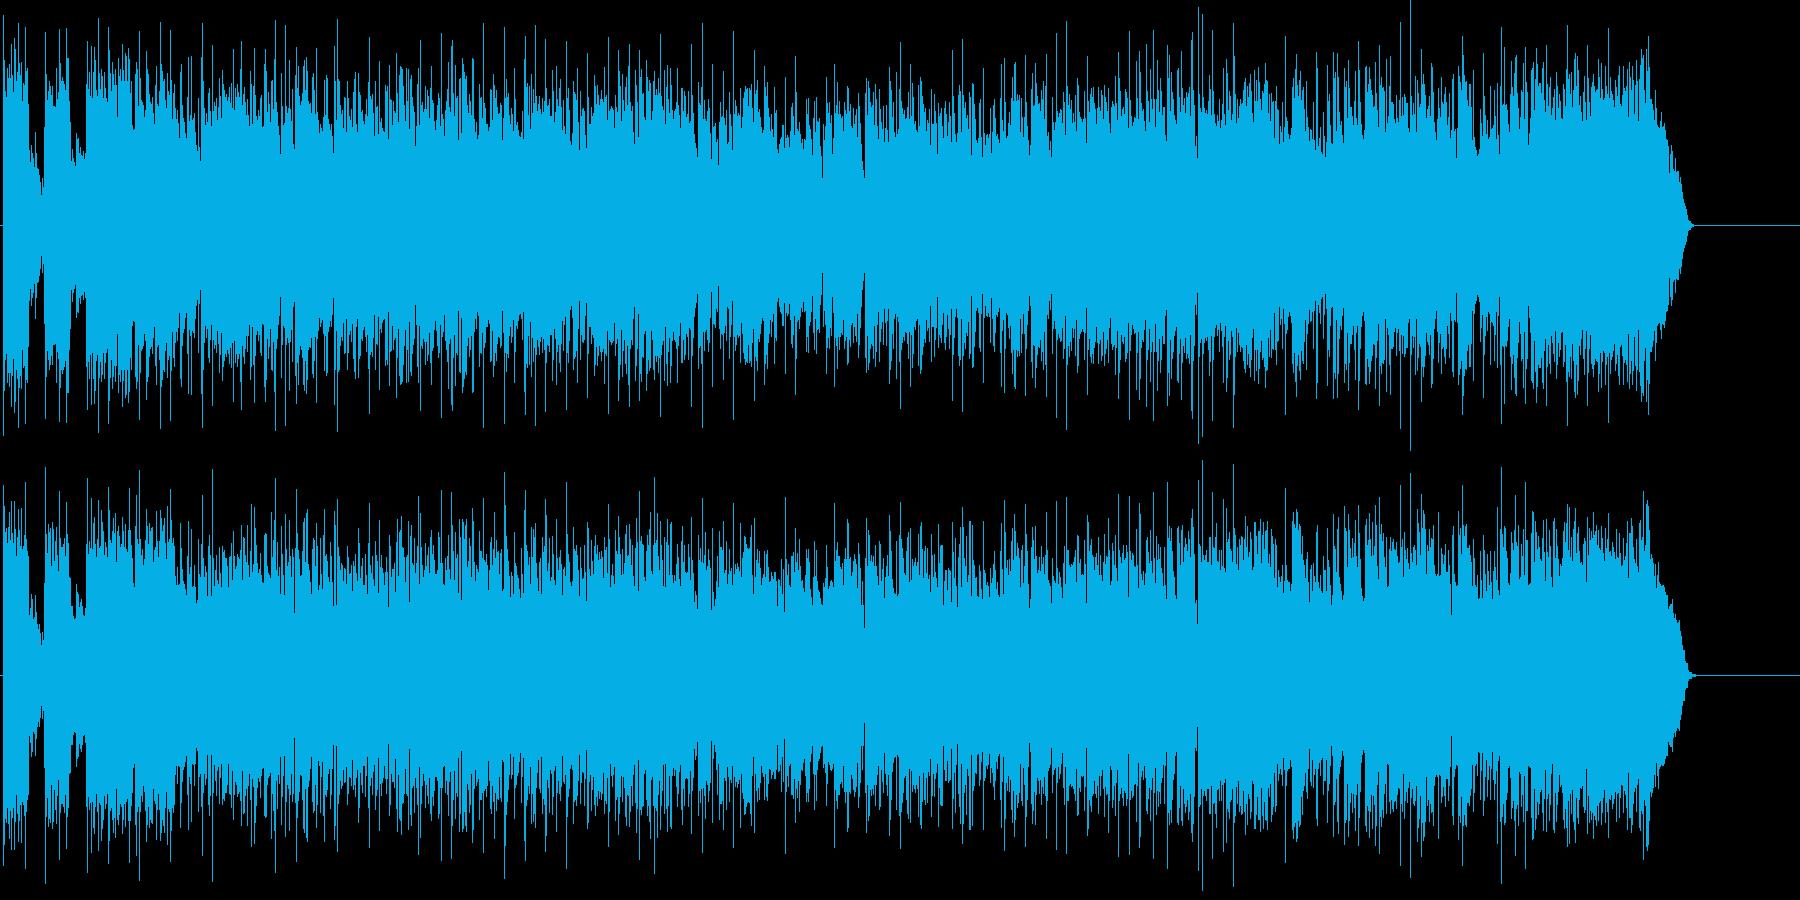 アメリカン・ブルース風ギター・ロックの再生済みの波形